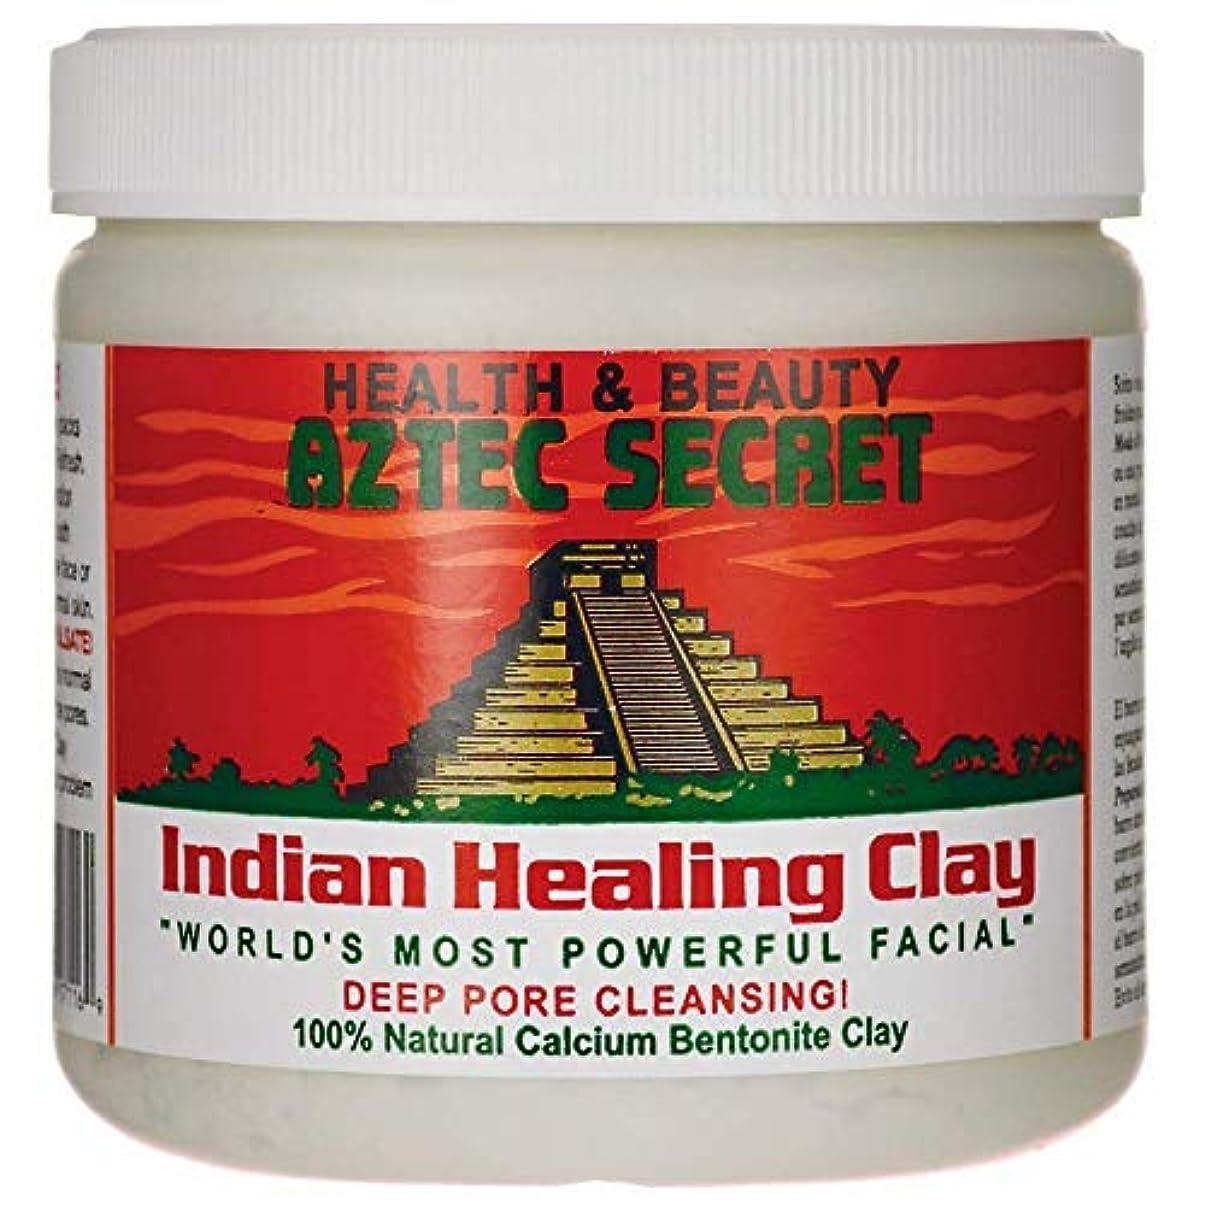 正午慣らす薬を飲むAztec Secret 1 Lbをオリジナルの100%天然カルシウムベントナイト粘土をマスクディープポアクレンジング?フェイシャル&ボディヒーリング 1ポンド